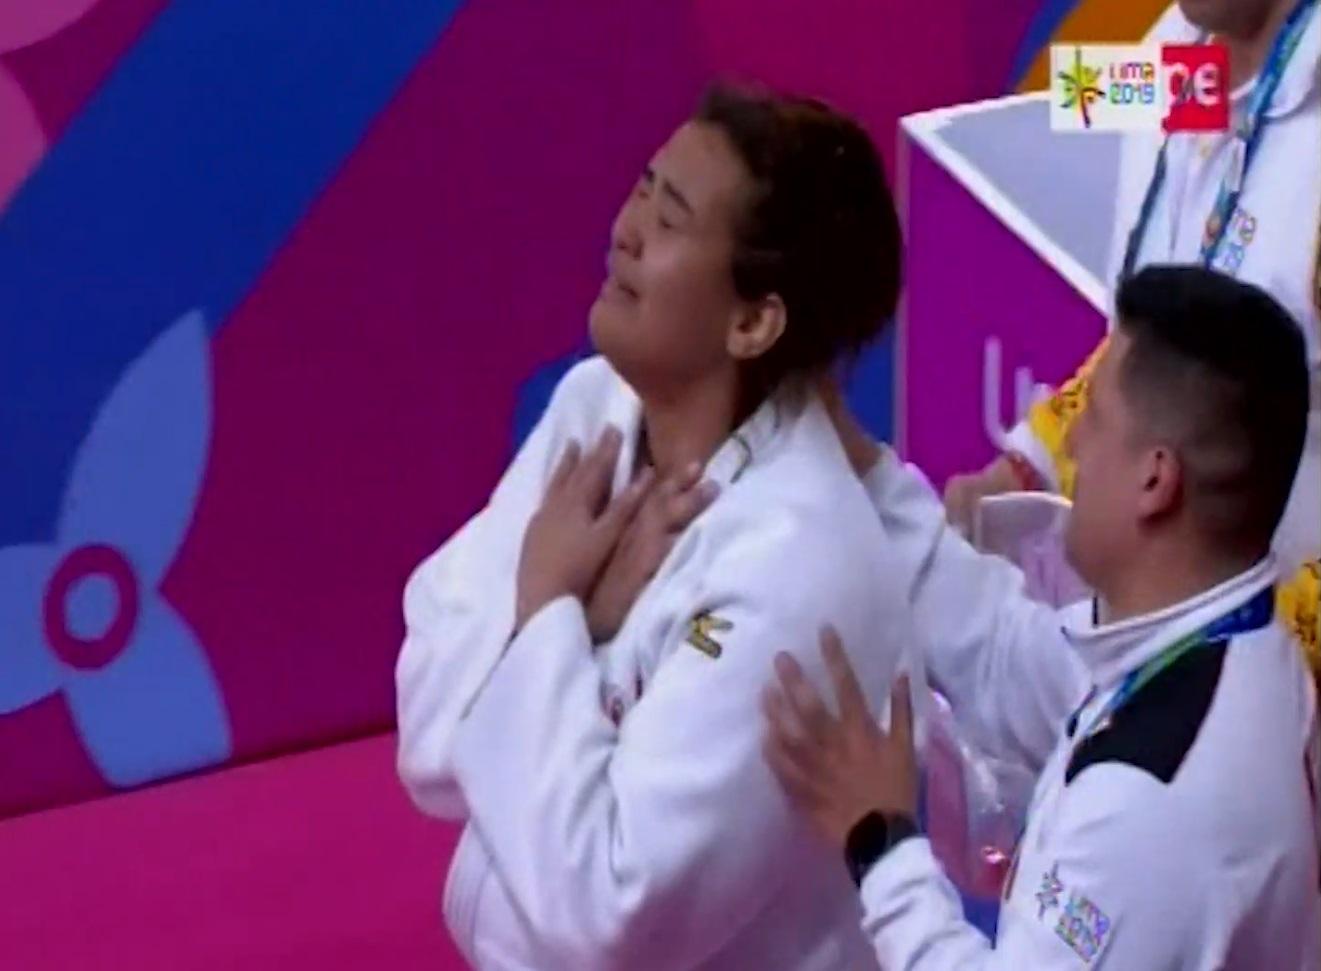 La emotiva celebración tras obtener medalla de bronce